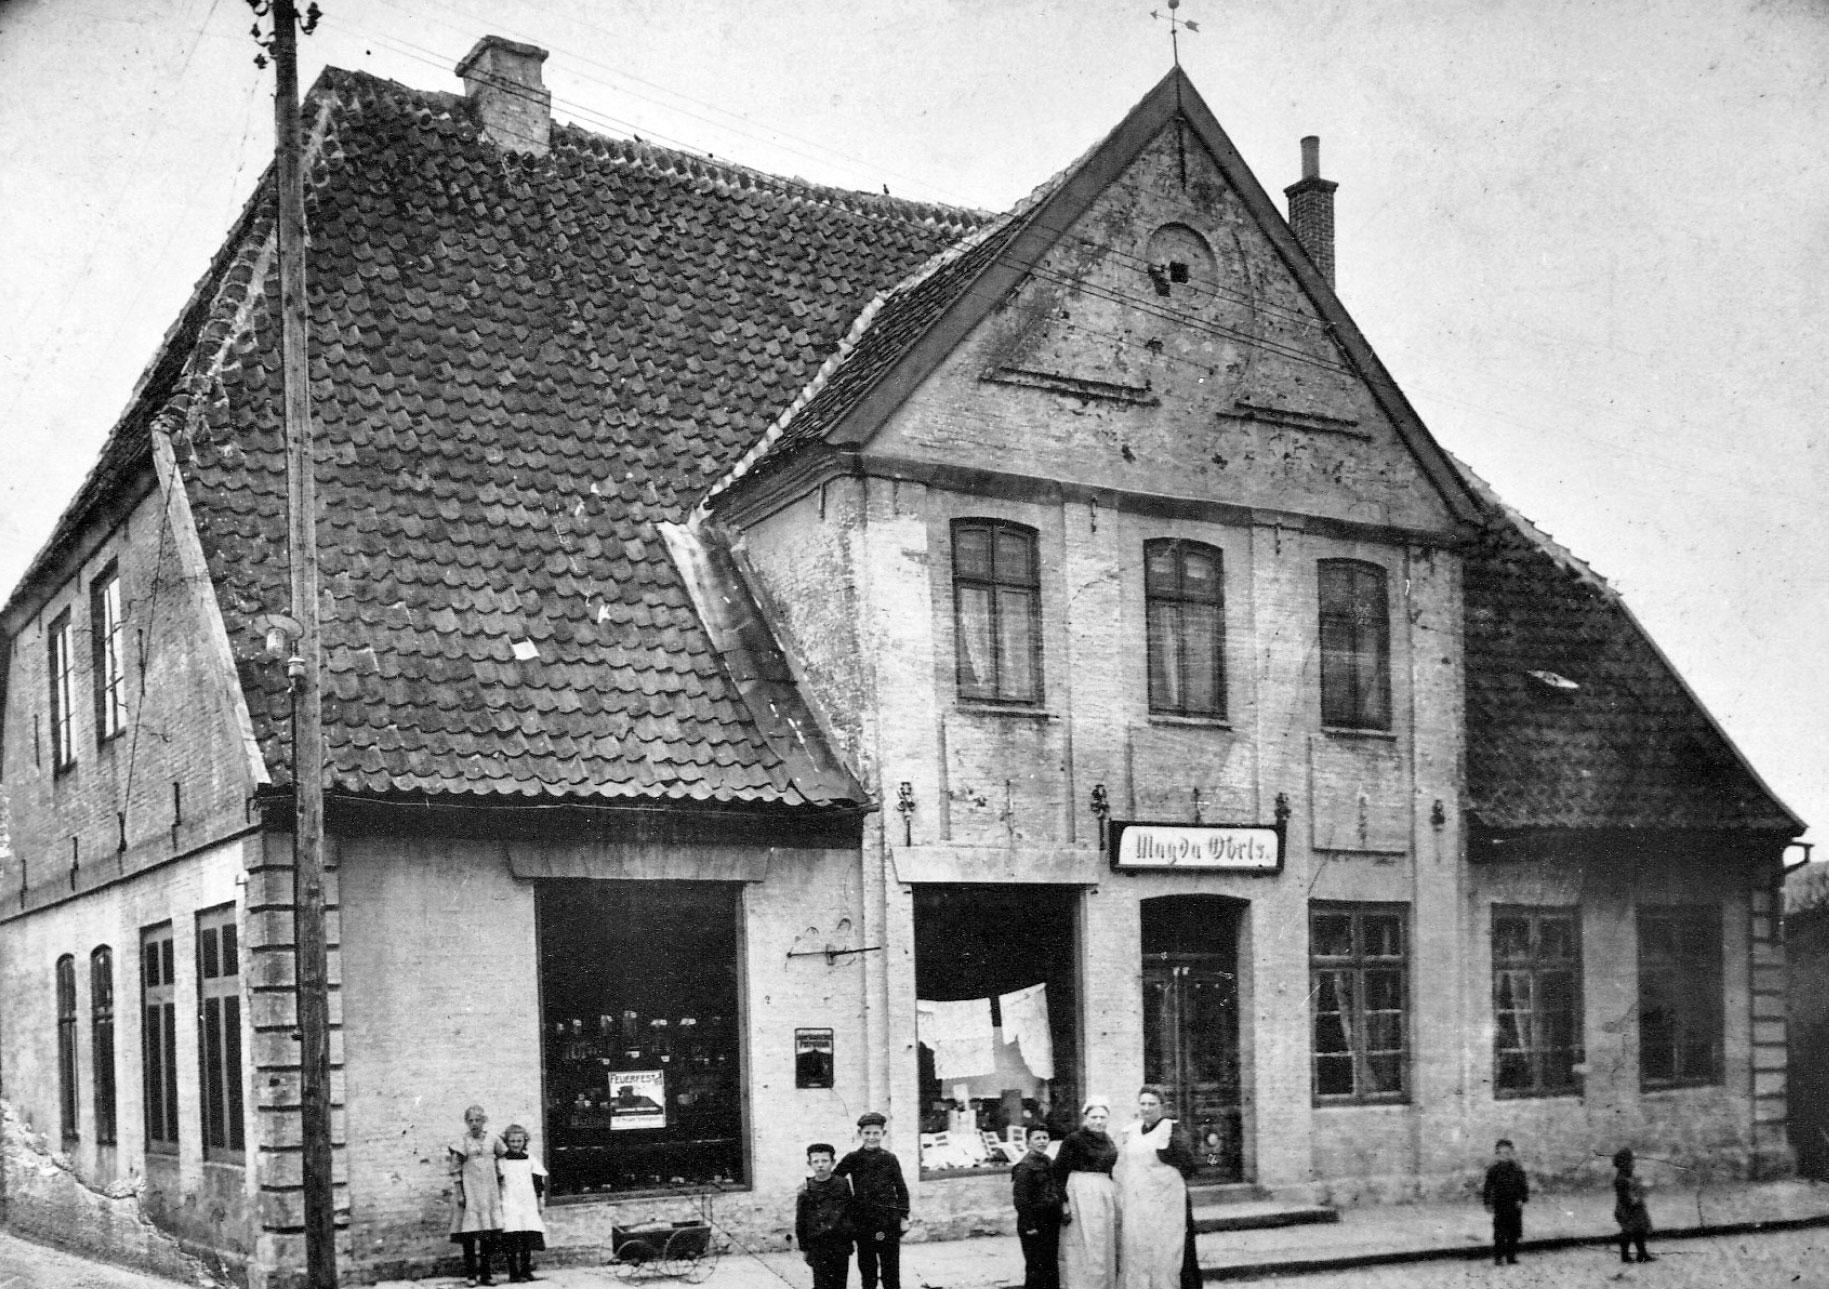 dorf_bilder/Chronik-Hennstedt-186.jpg